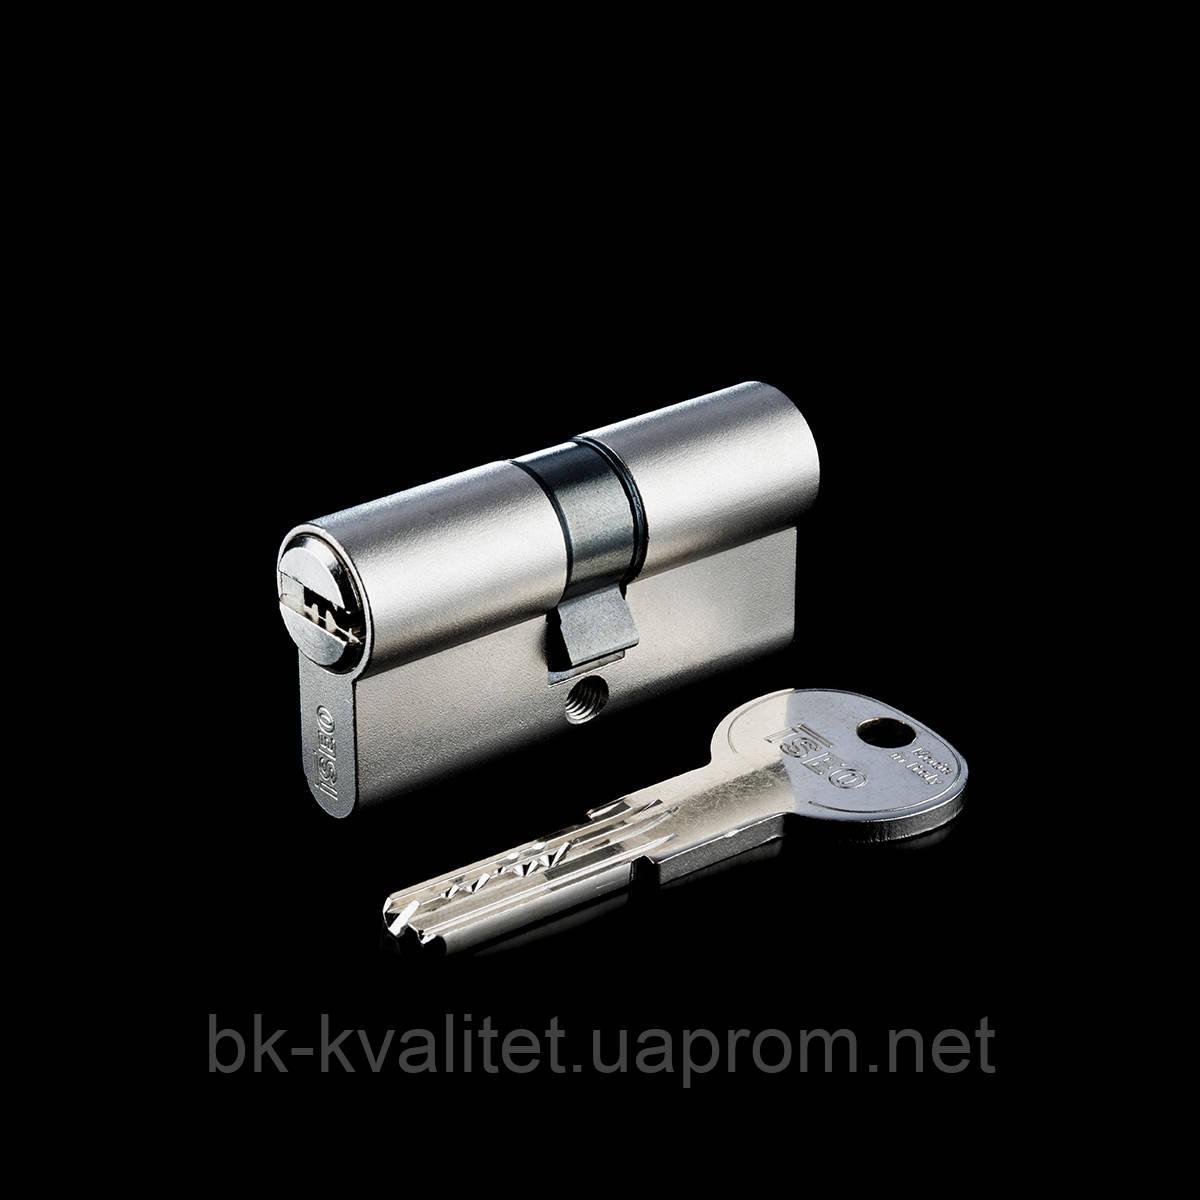 Цилиндр ISEO R7 40 (30х10) ключ/ключ, никель